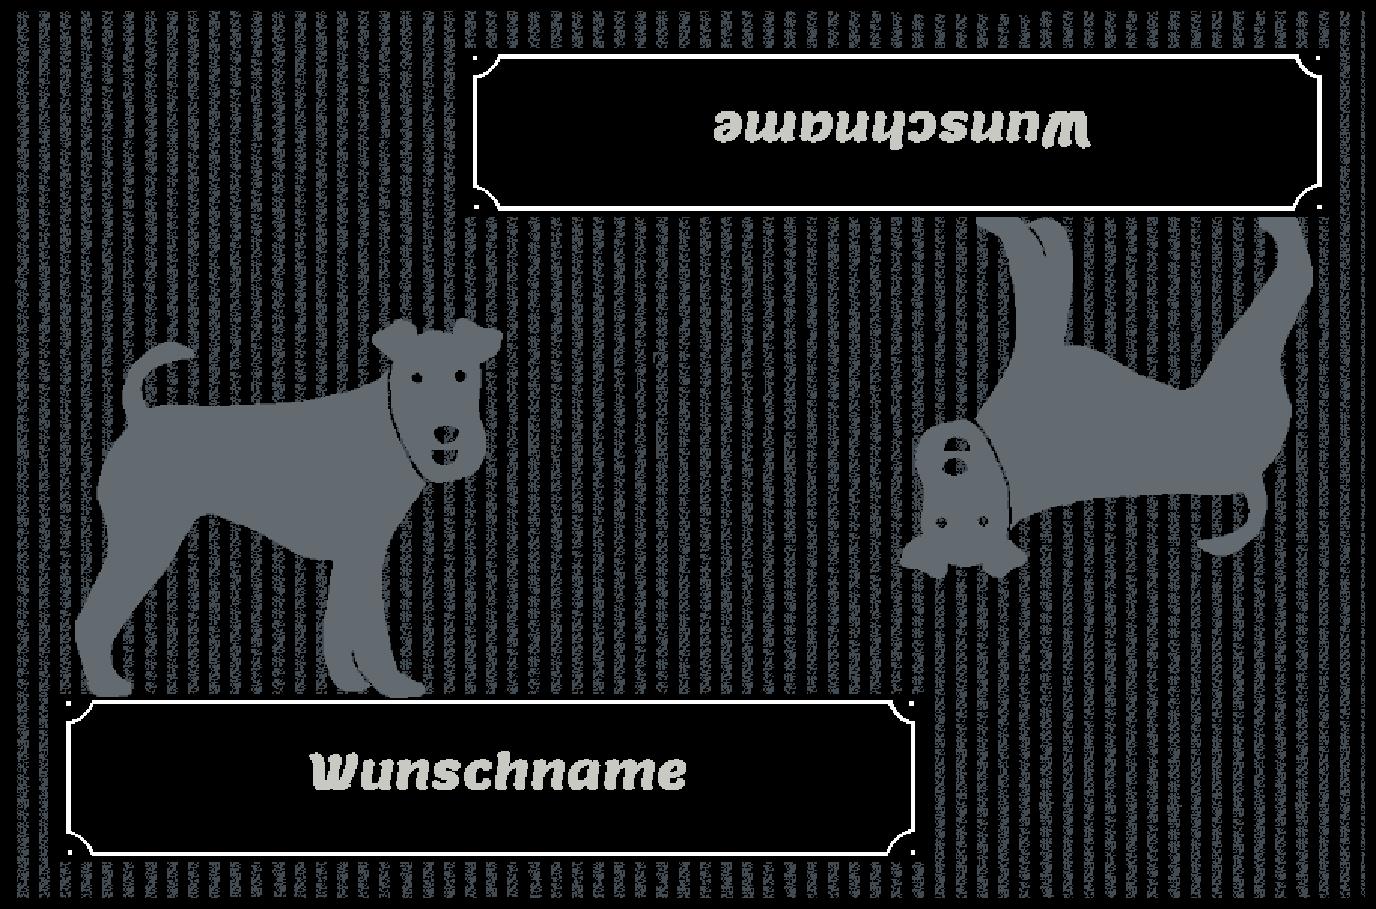 Fußmatte mit Namen Napfunterlage Hundematte    90x60 cm  Design 27180501  | Jeder beschriebene Artikel ist verfügbar  a5f5ff